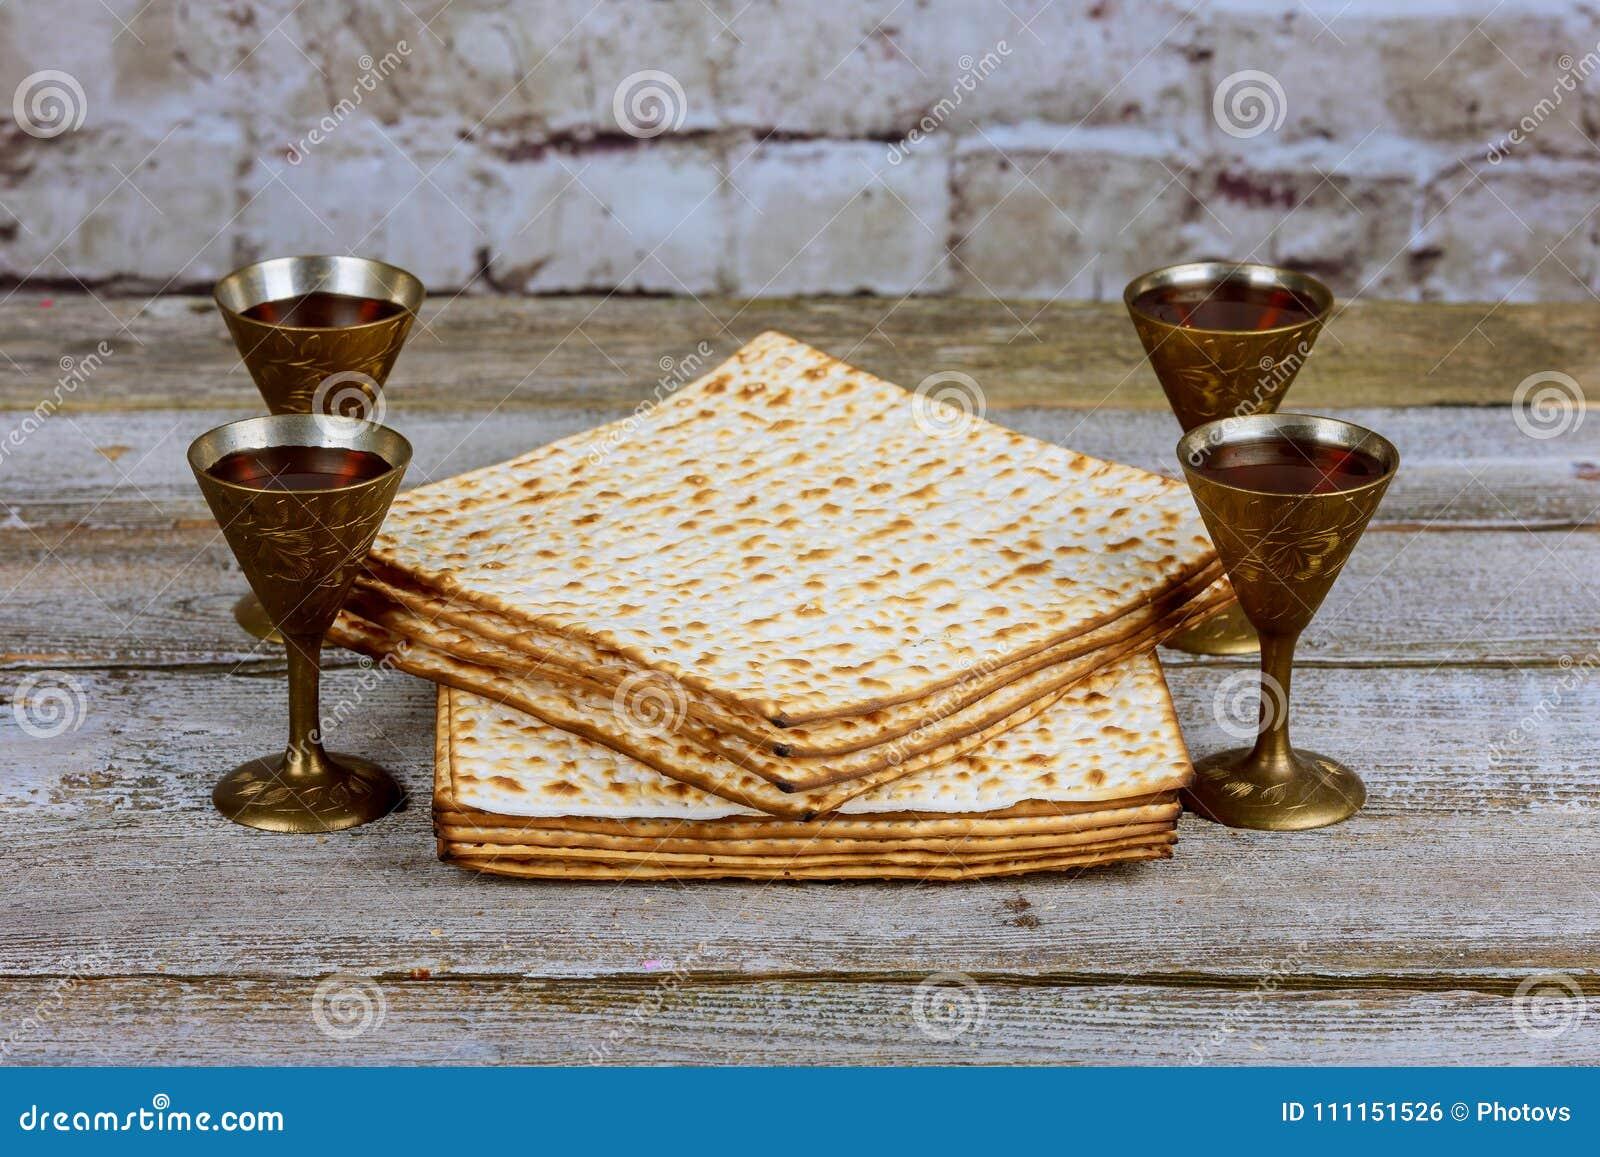 Copo de prata do vinho com matzah, símbolos judaicos para o feriado de Pesach da páscoa judaica Conceito da páscoa judaica